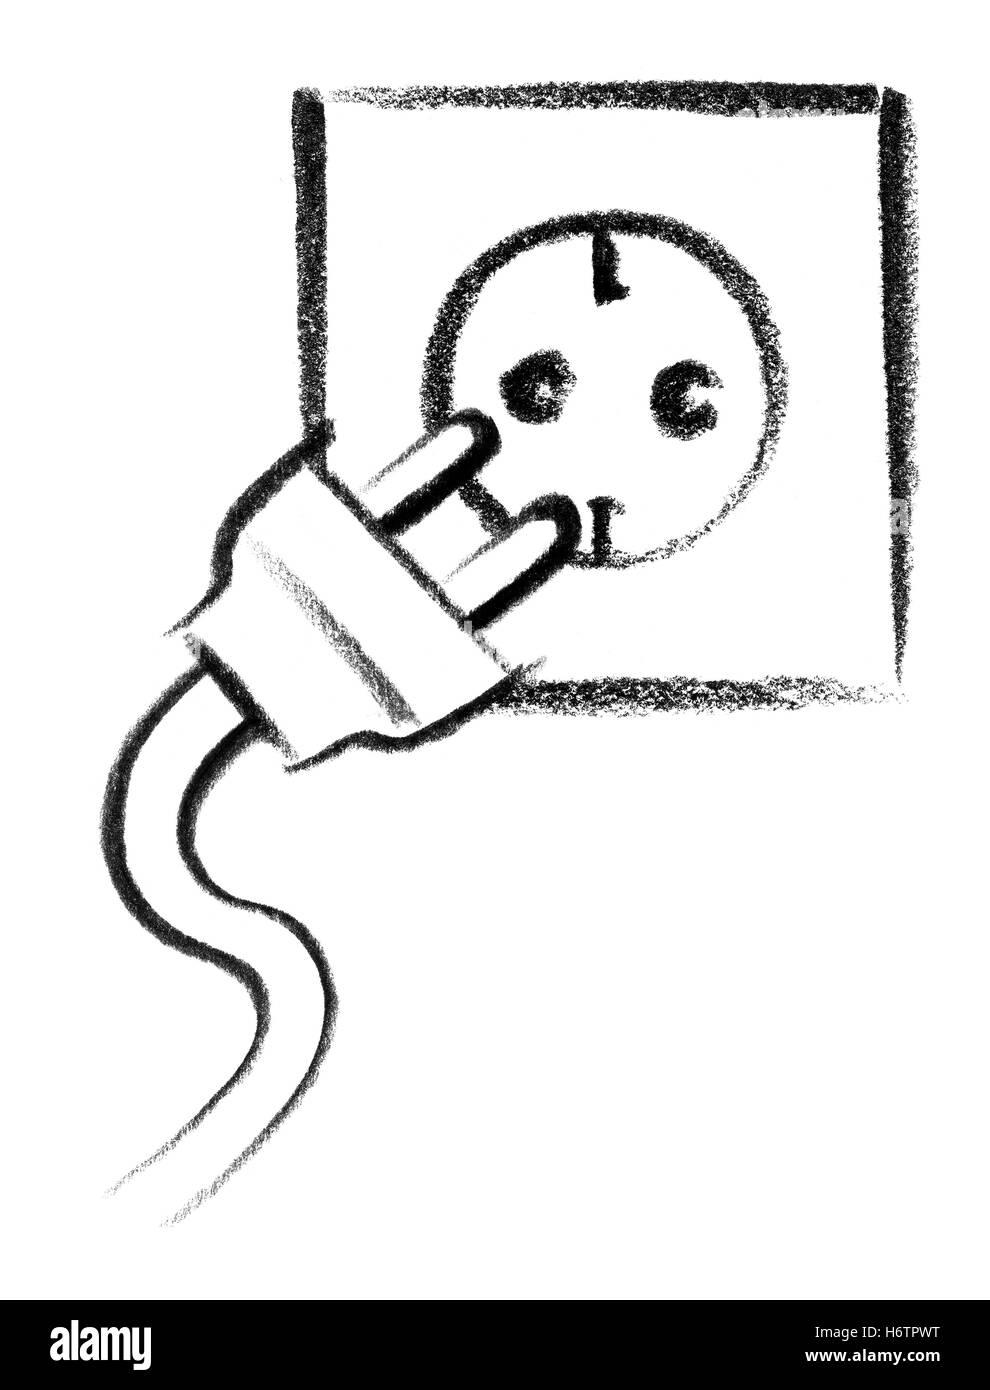 Zeichen signalisieren Kunst Malerei Energie macht Strom Strom ...